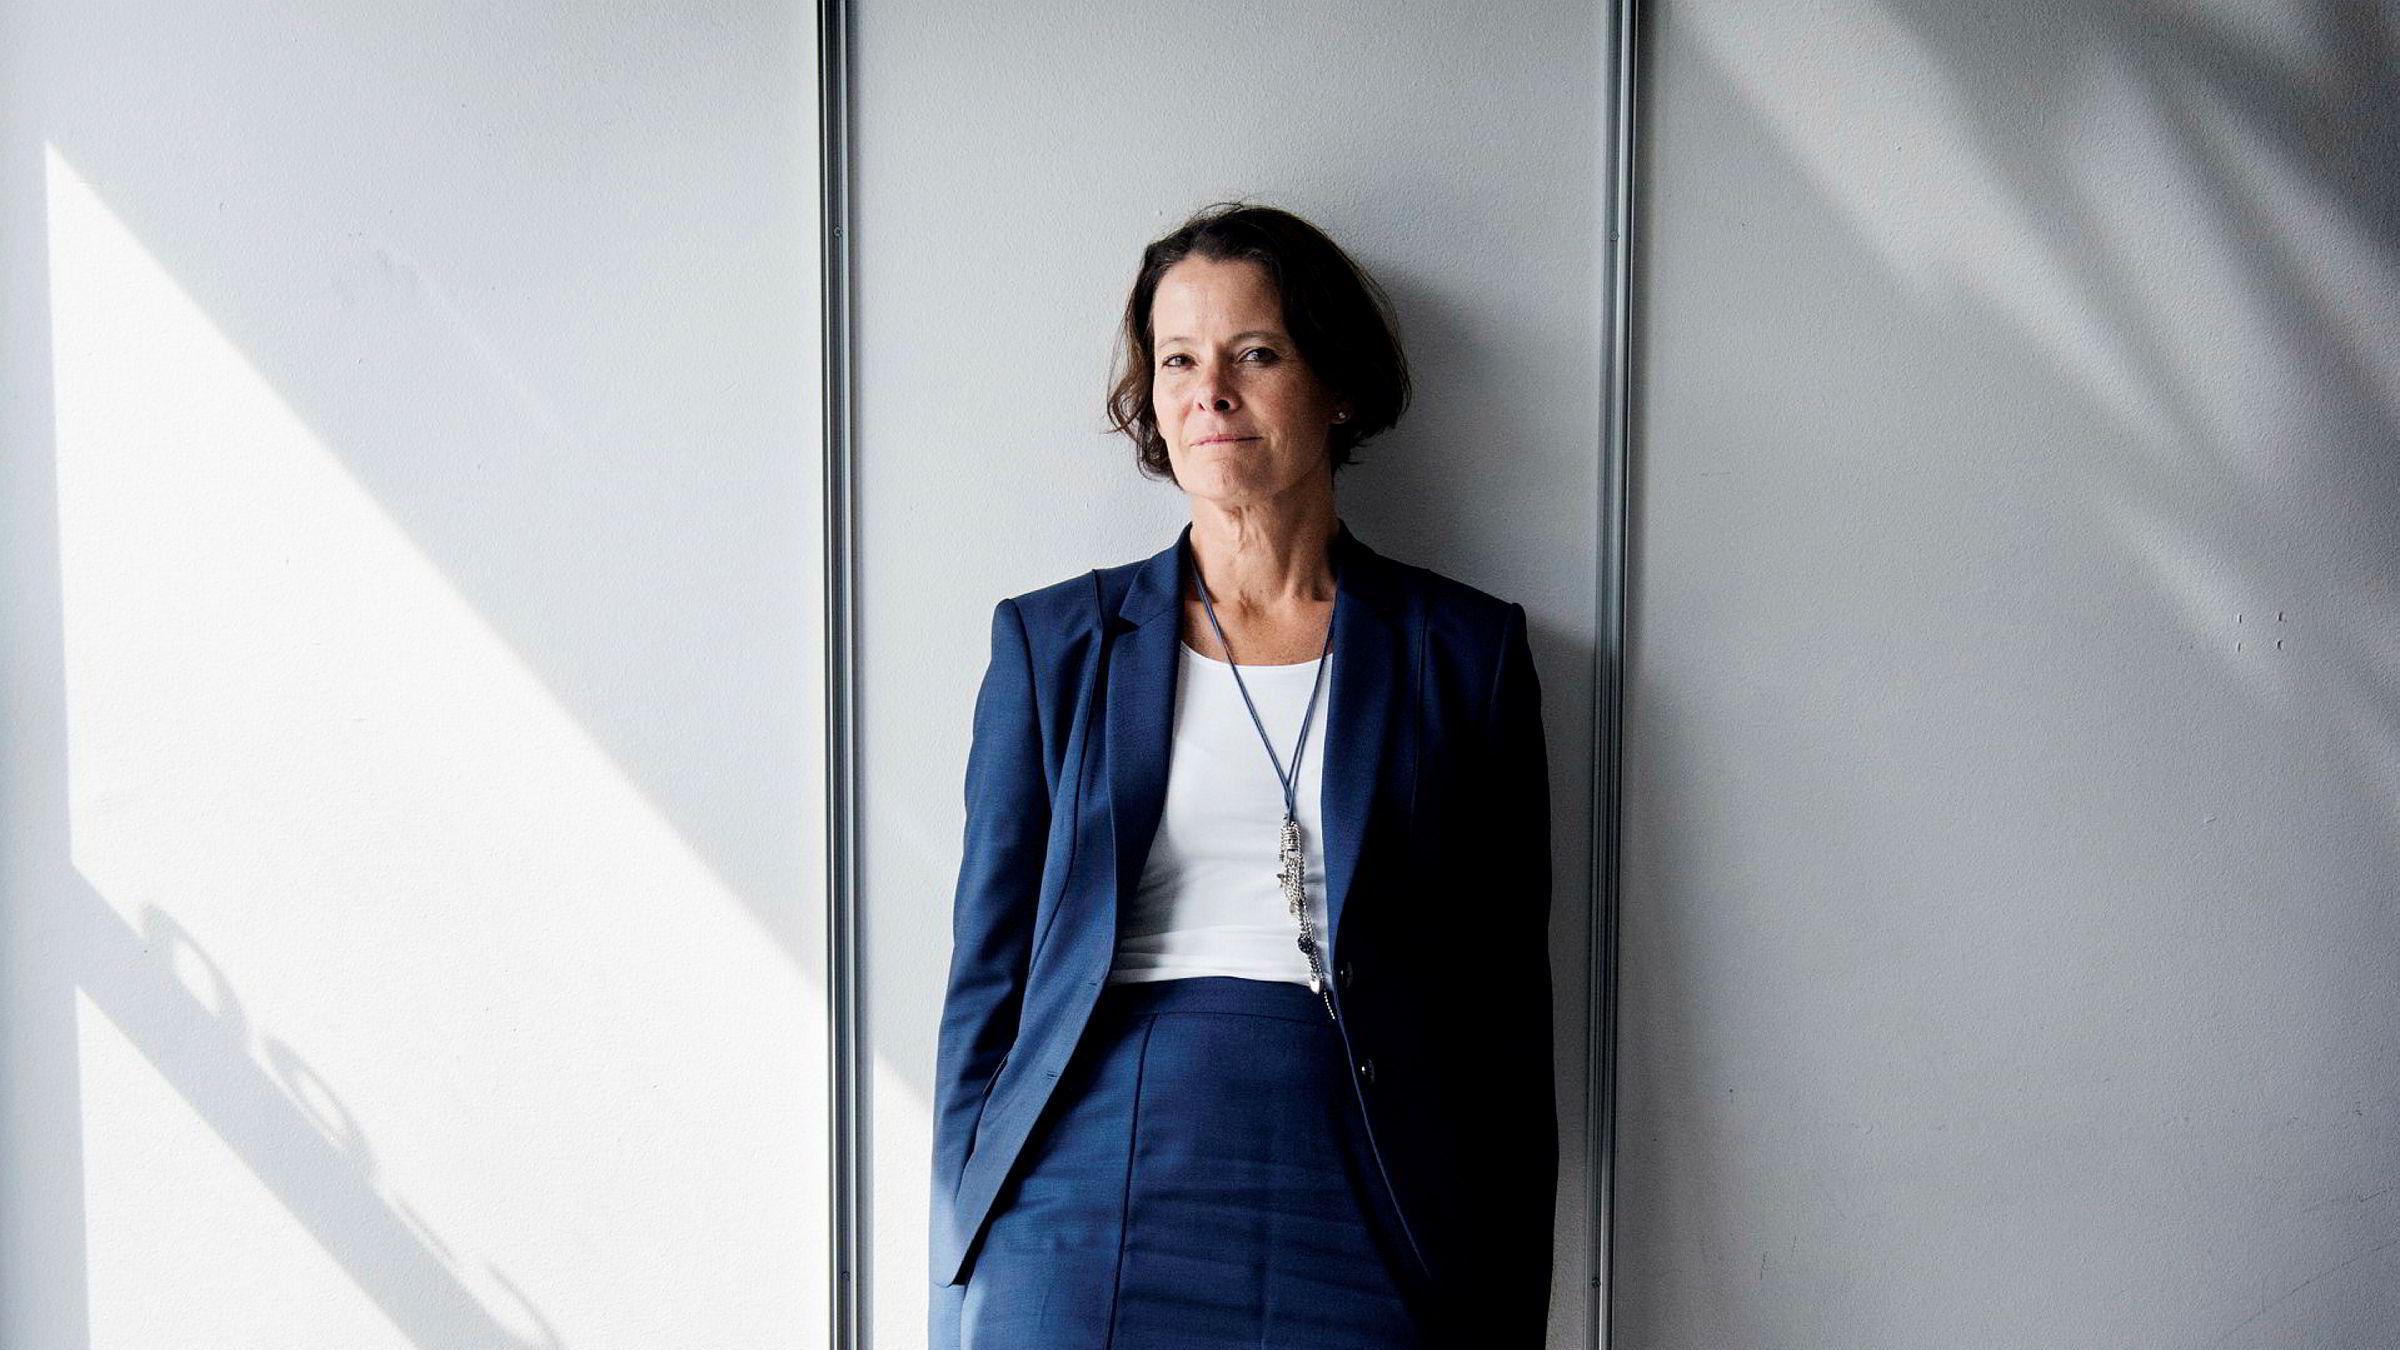 Investeringsdirektør Alexandra Morris i Skagenfondene tror aksjemarkedene i Asia er på vei opp.